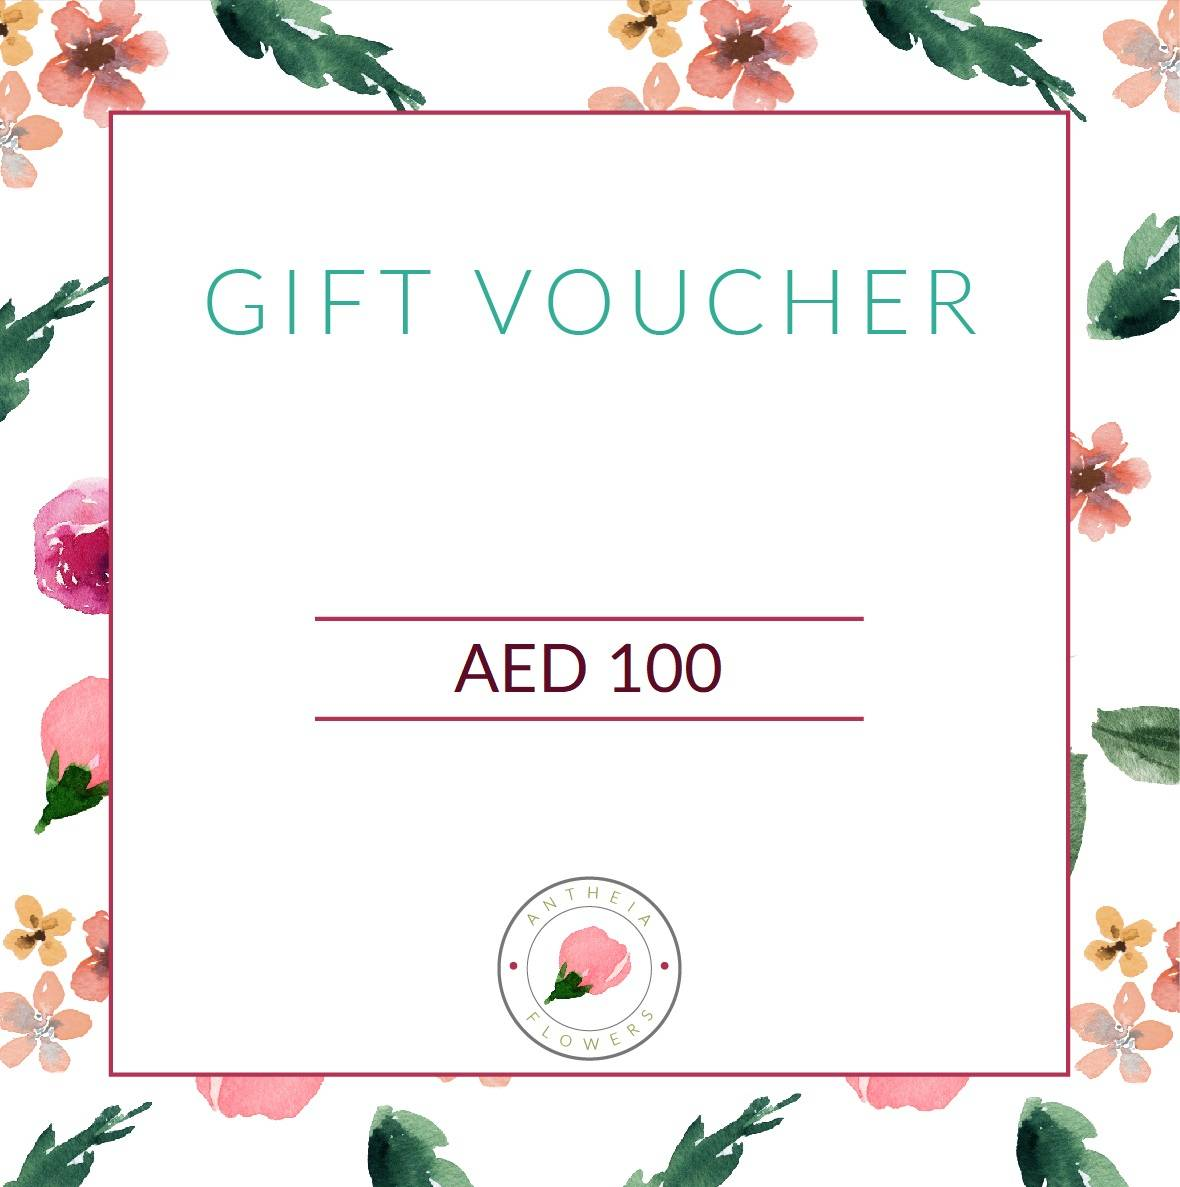 Gift Voucher AED 100